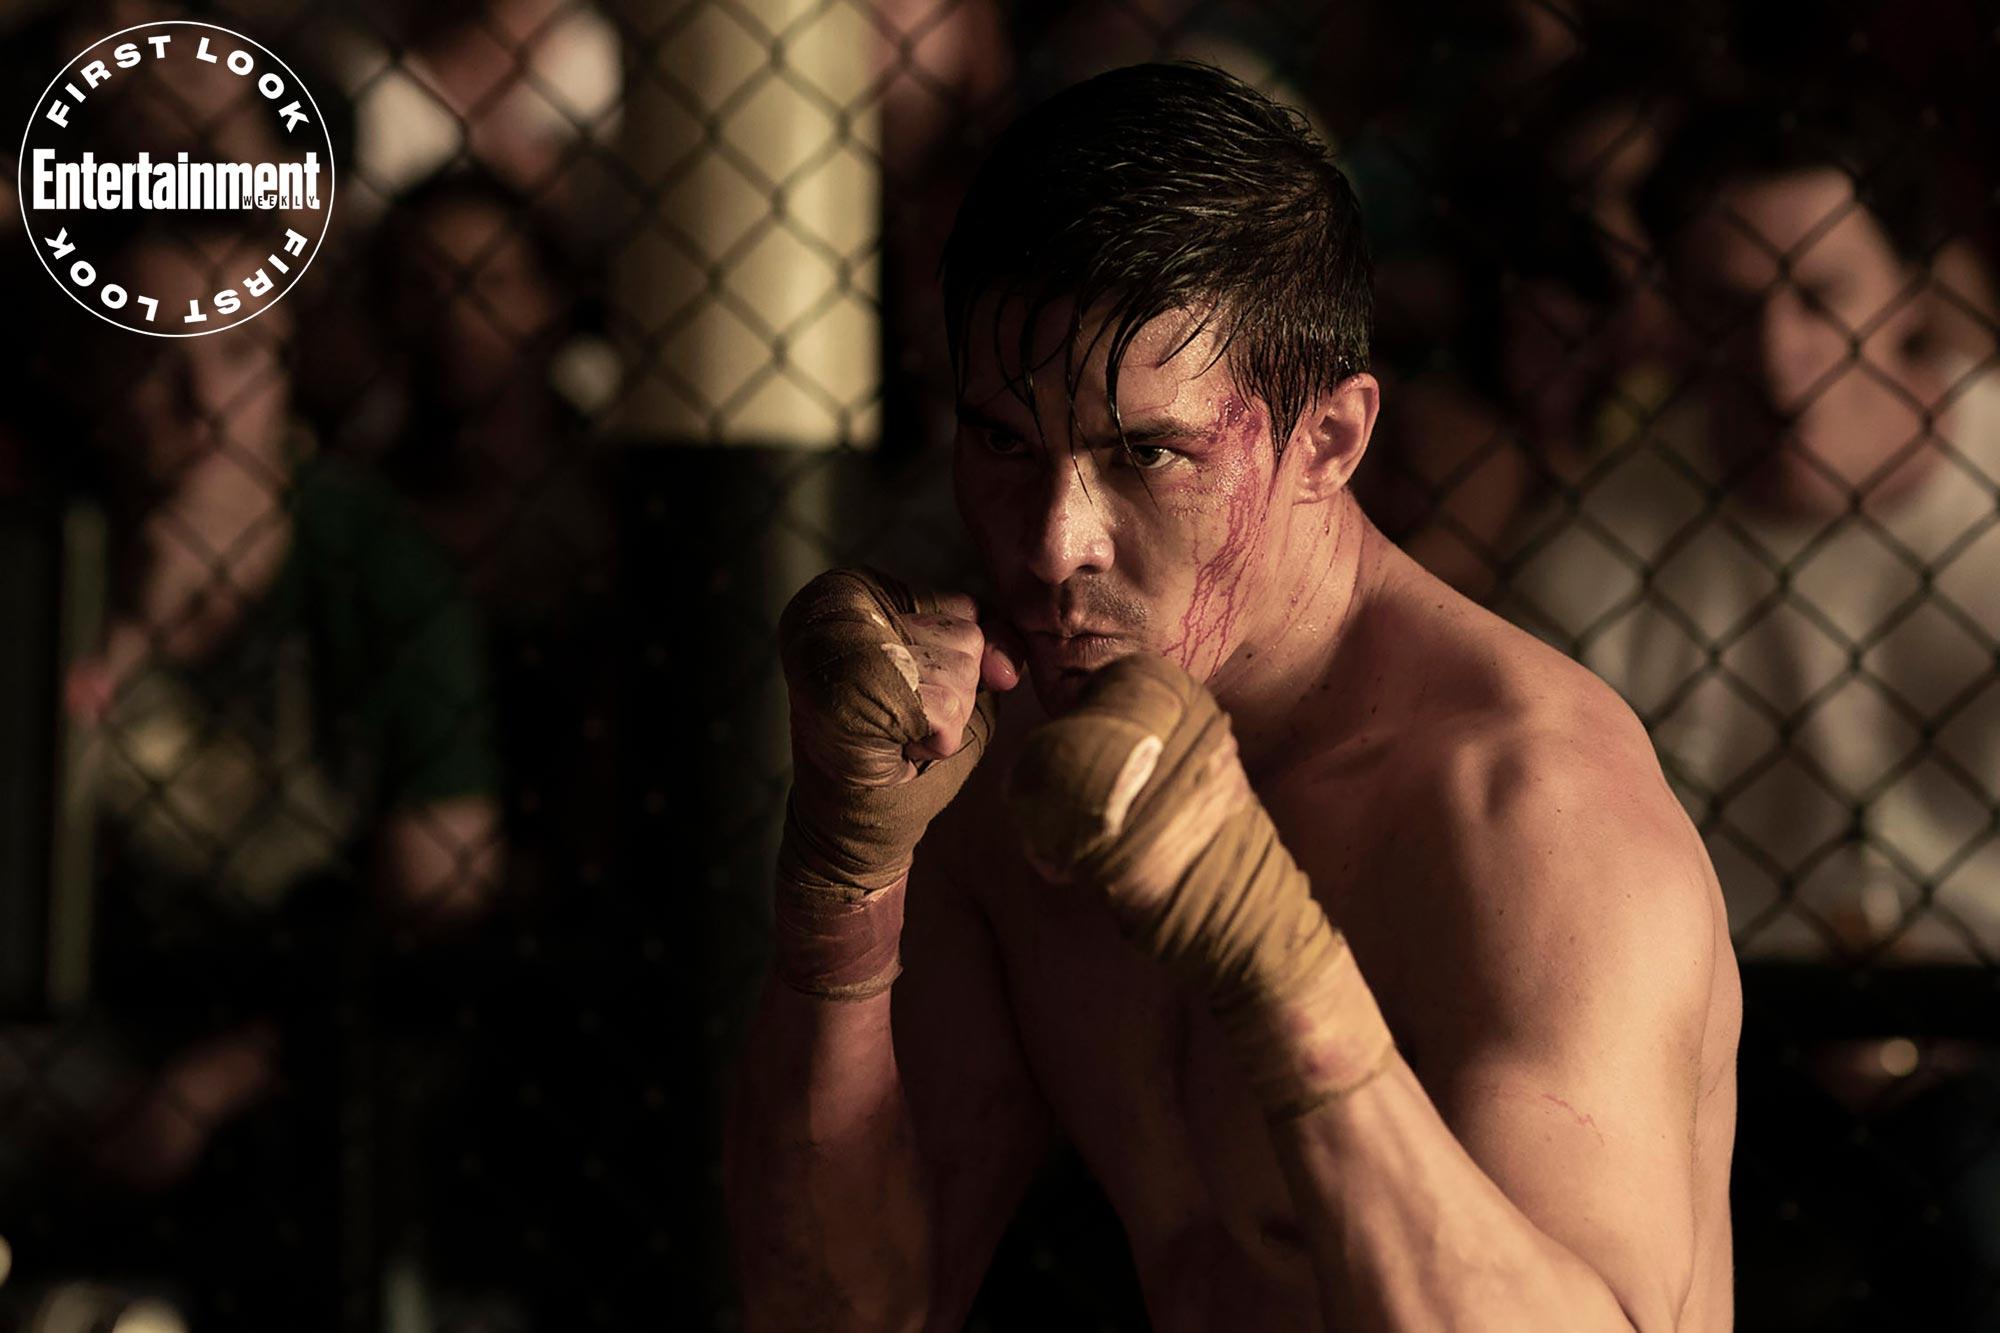 Pierwsze zdjęcia z nowego filmu Mortal Kombat